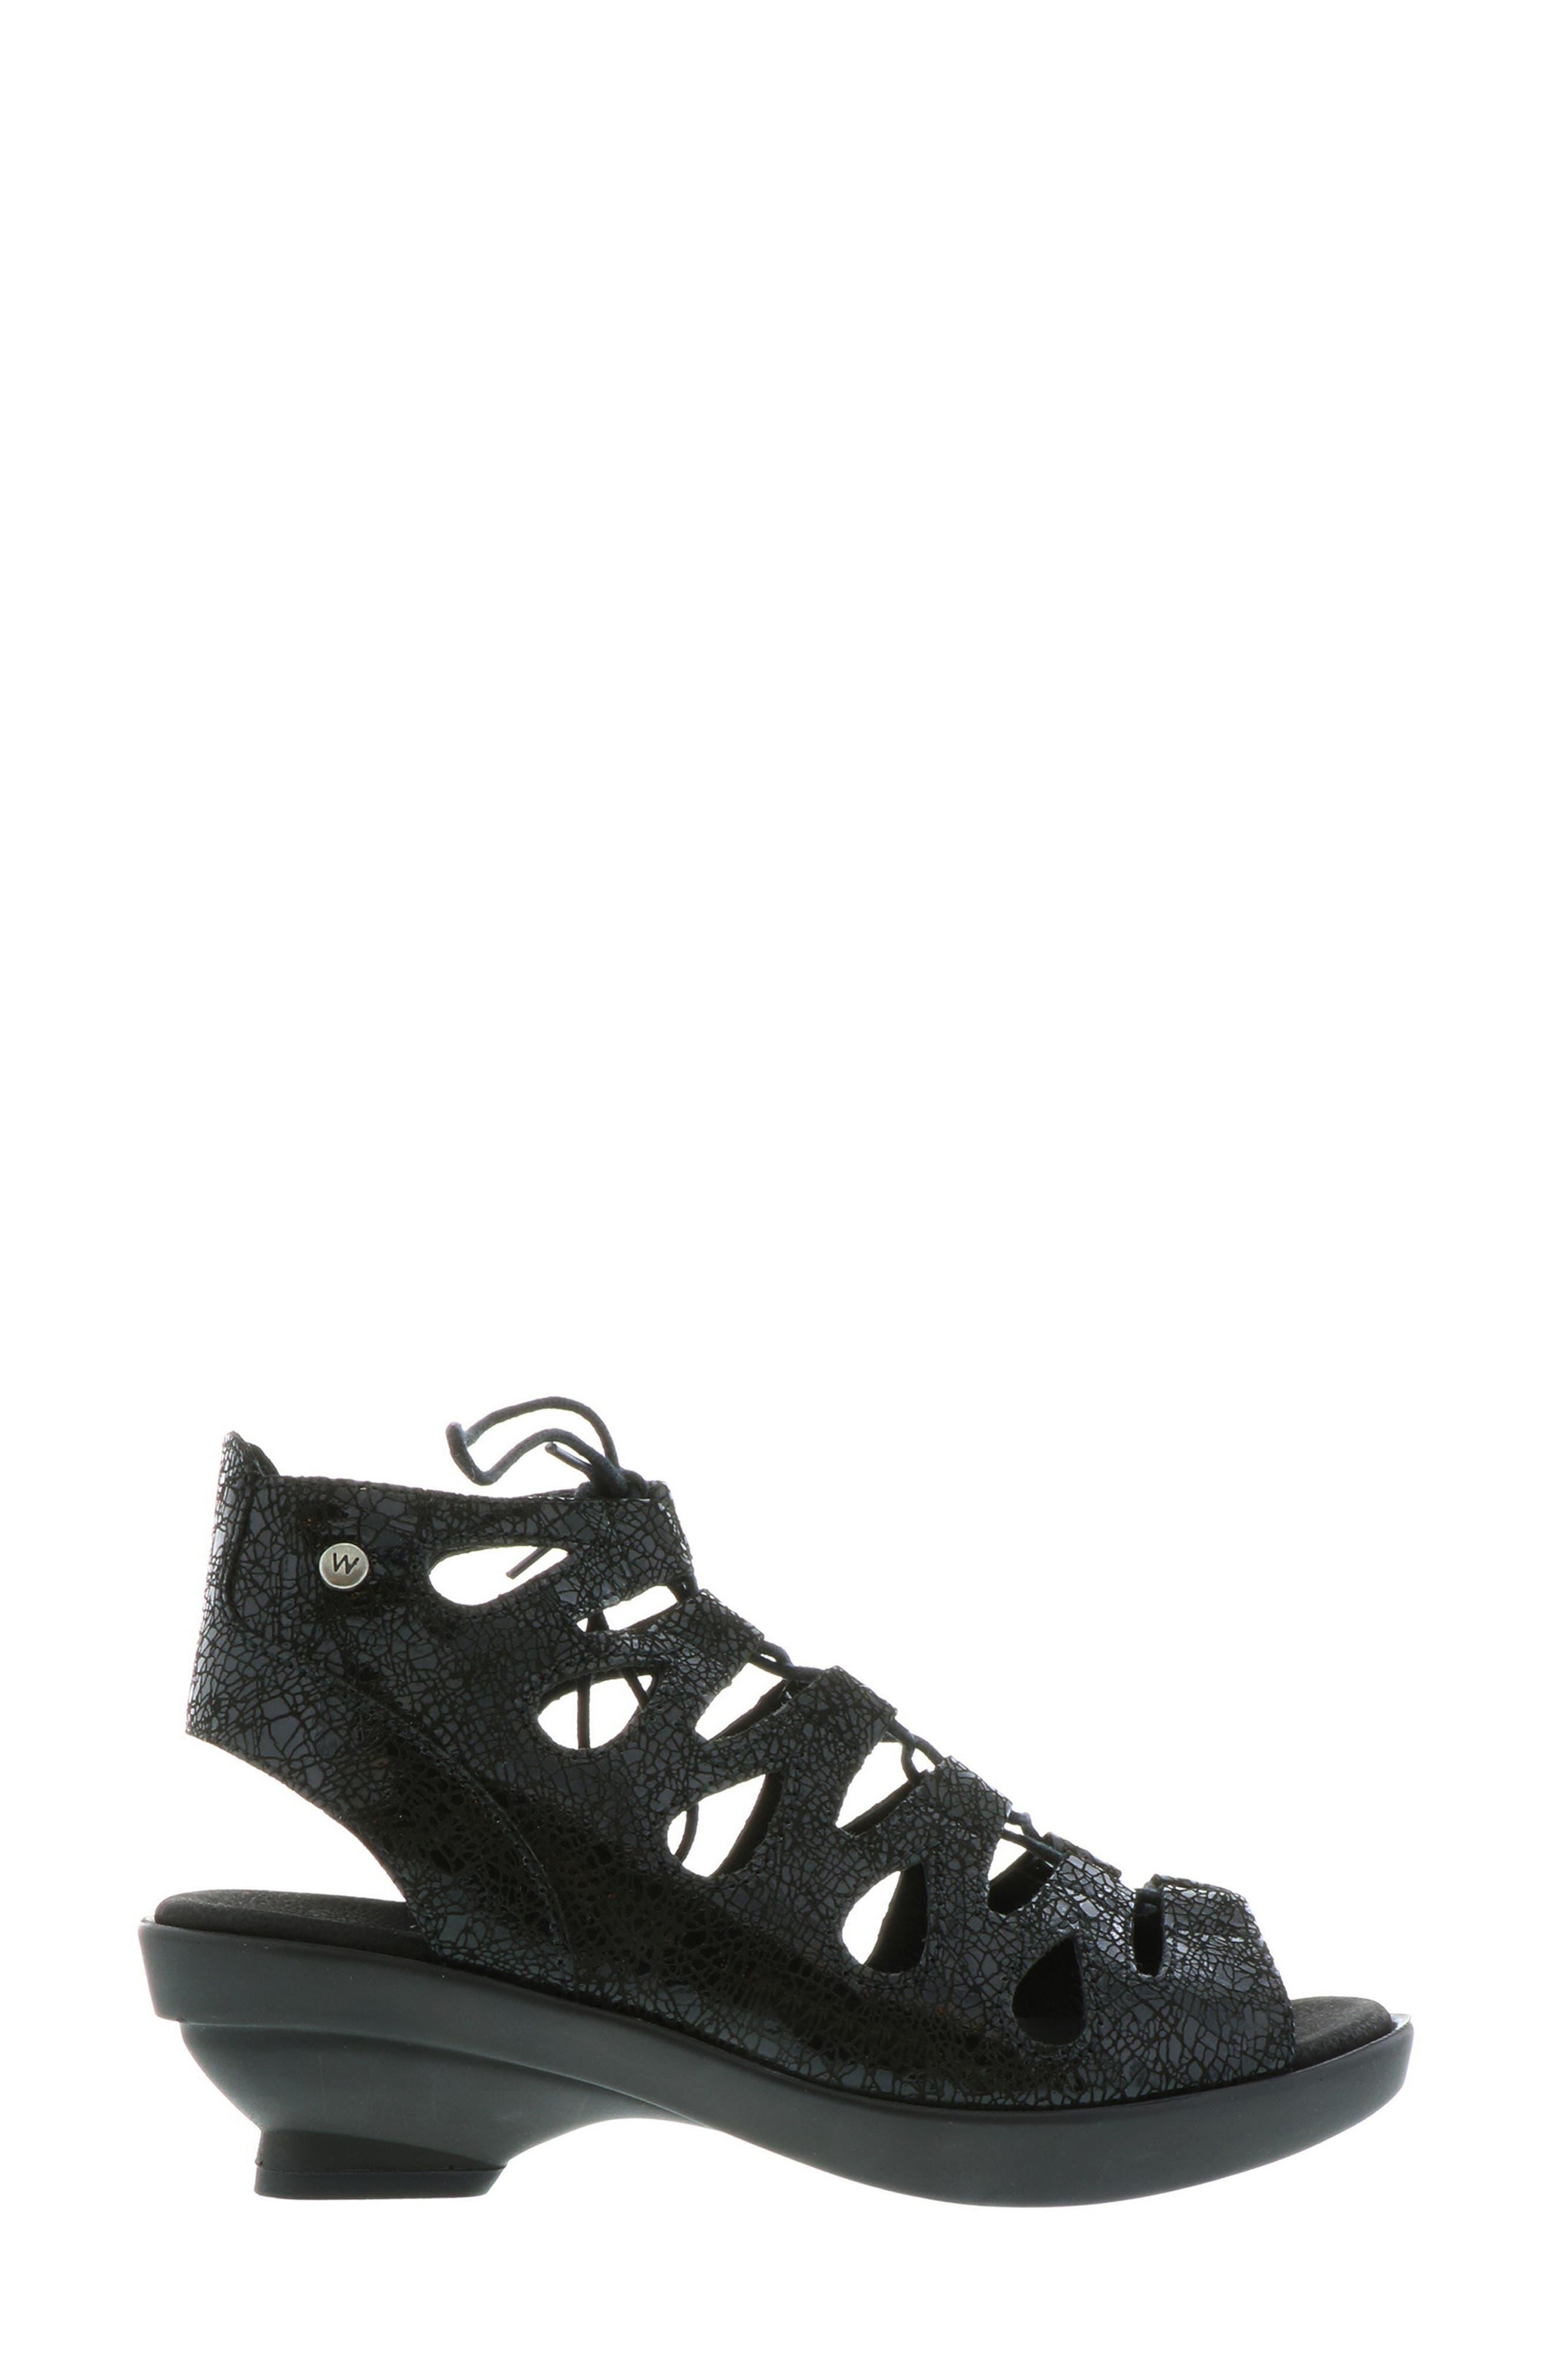 Seminyak Sandal,                             Alternate thumbnail 3, color,                             Black Suede